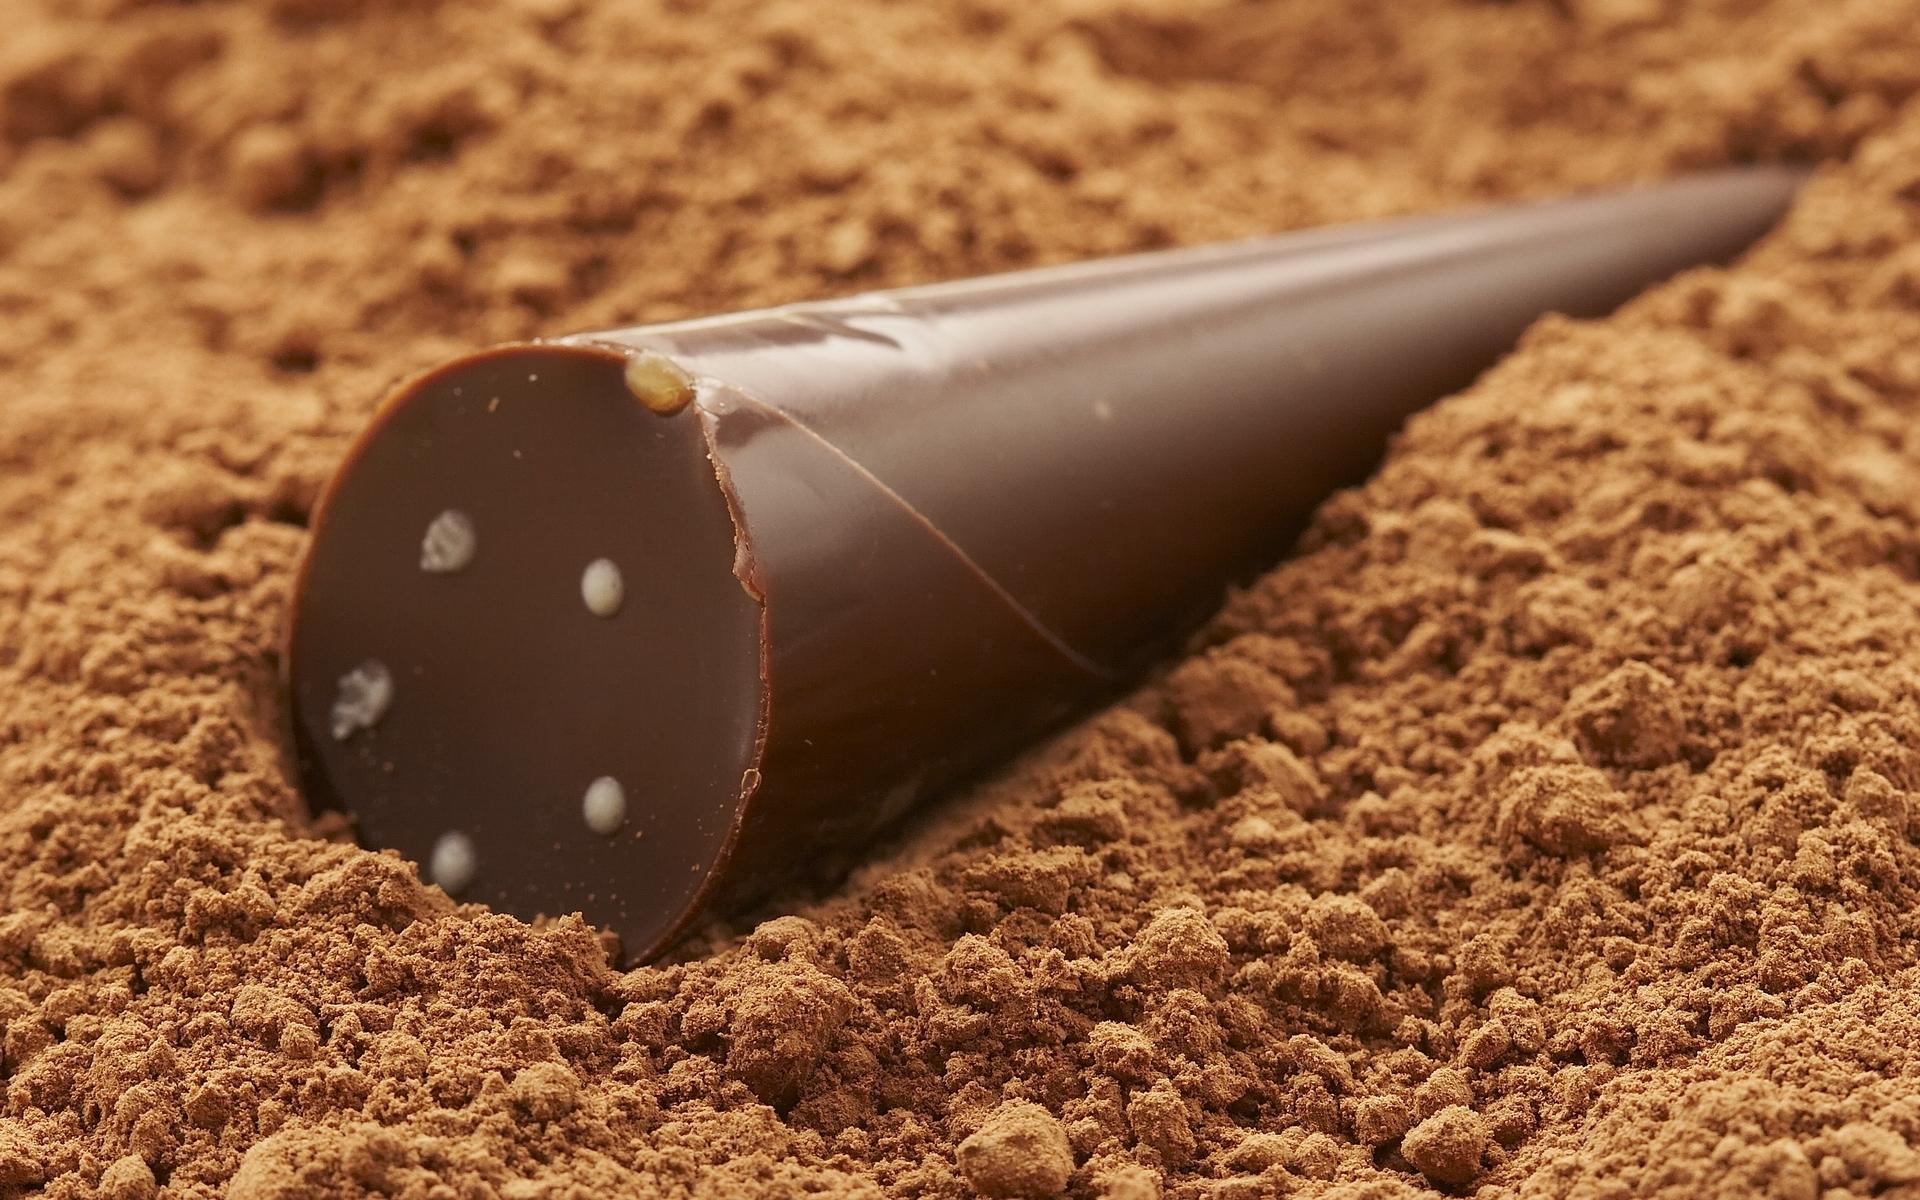 шоколадный порошок, крошка, шоколад, обои на рабочий стол